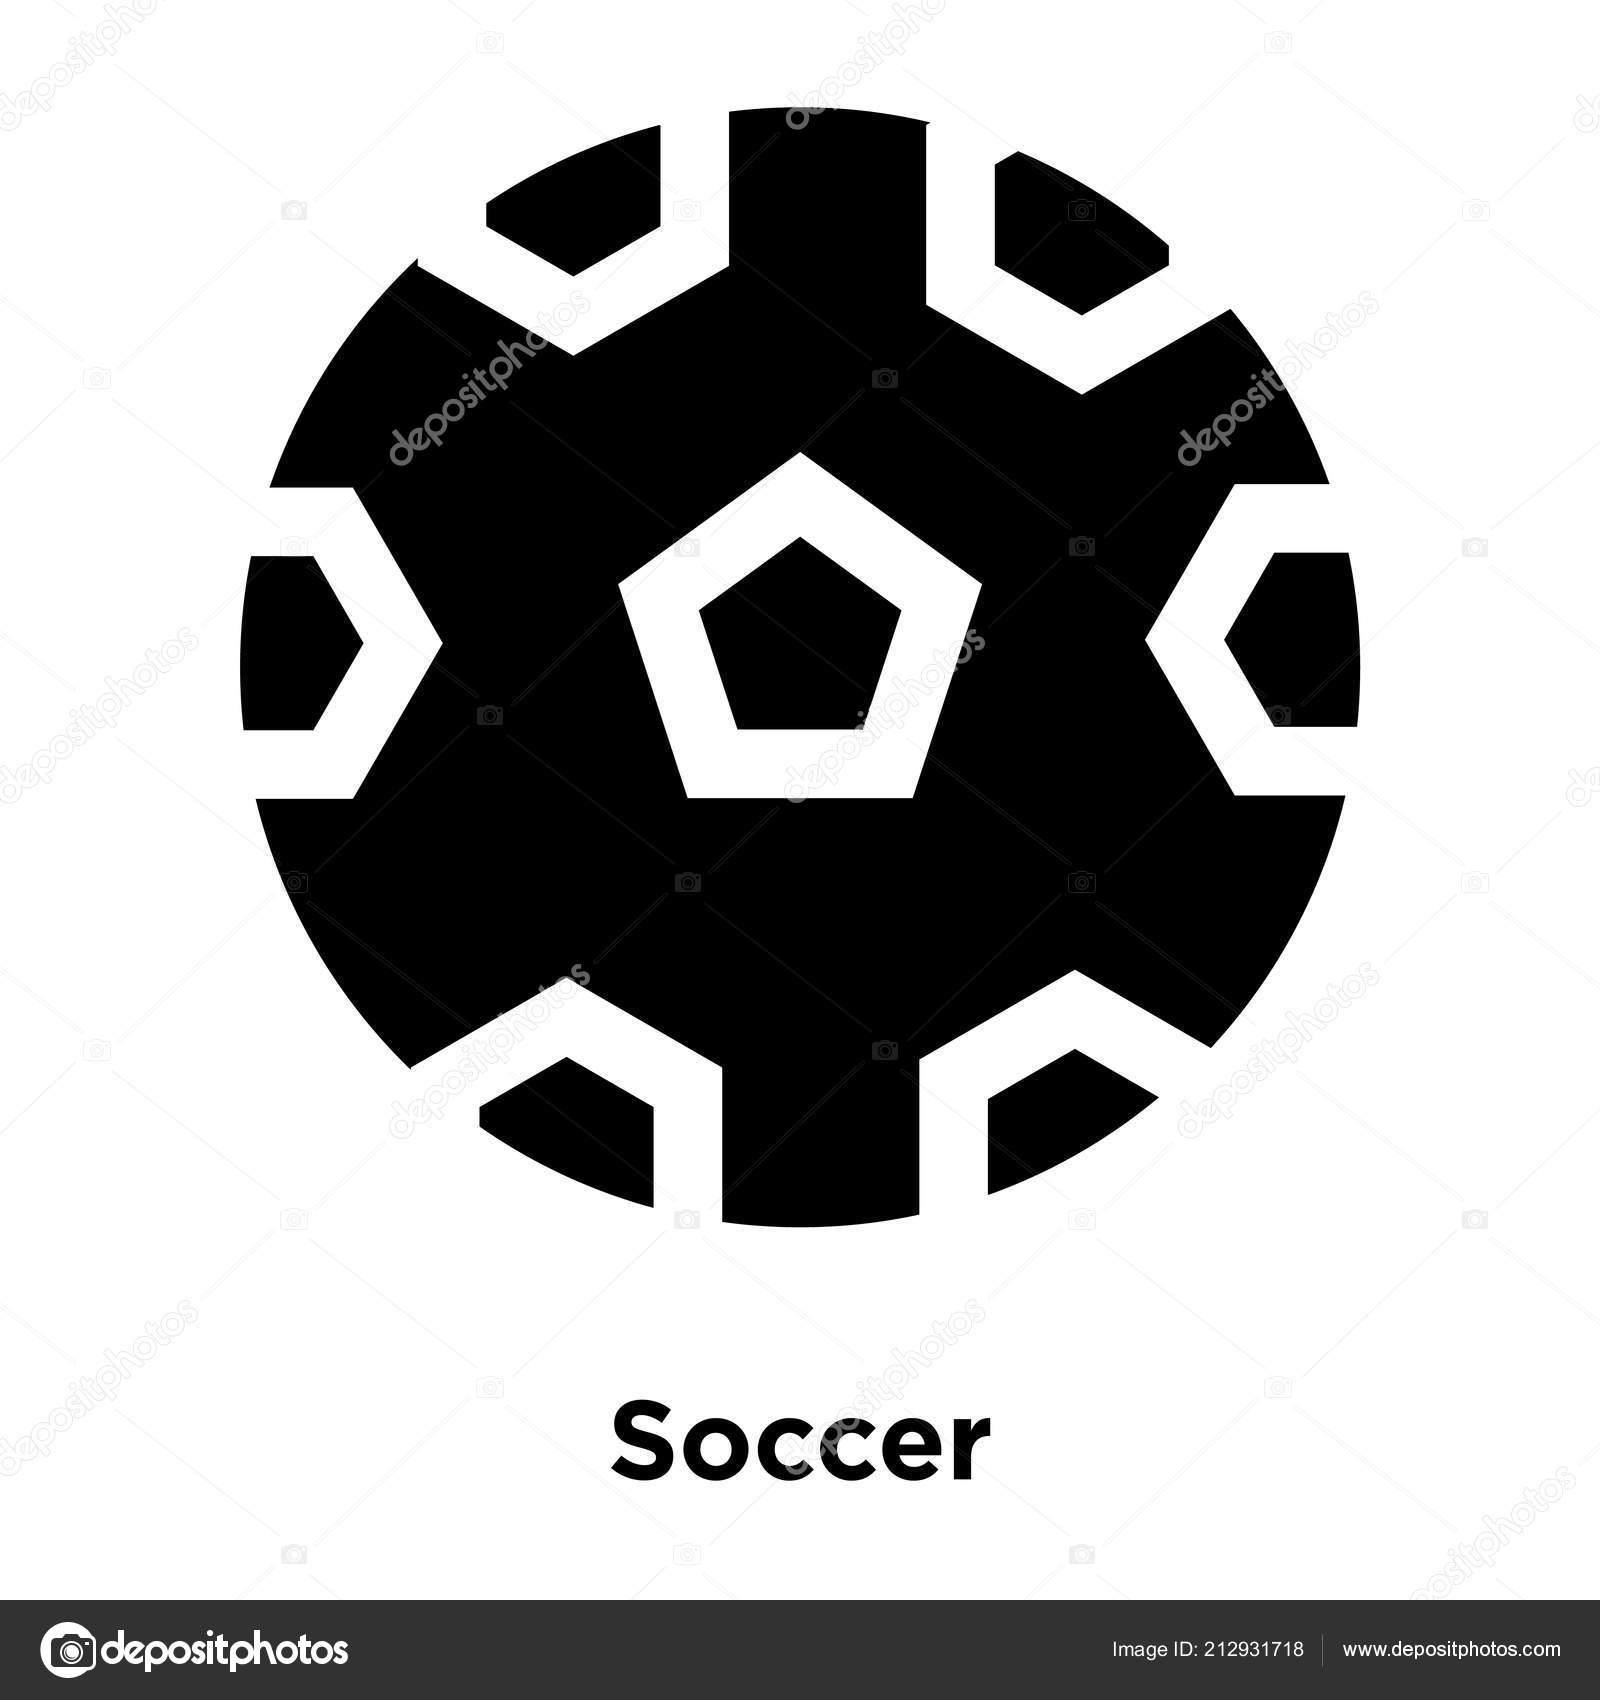 Fussball Symbol Vektor Isoliert Auf Weissem Hintergrund